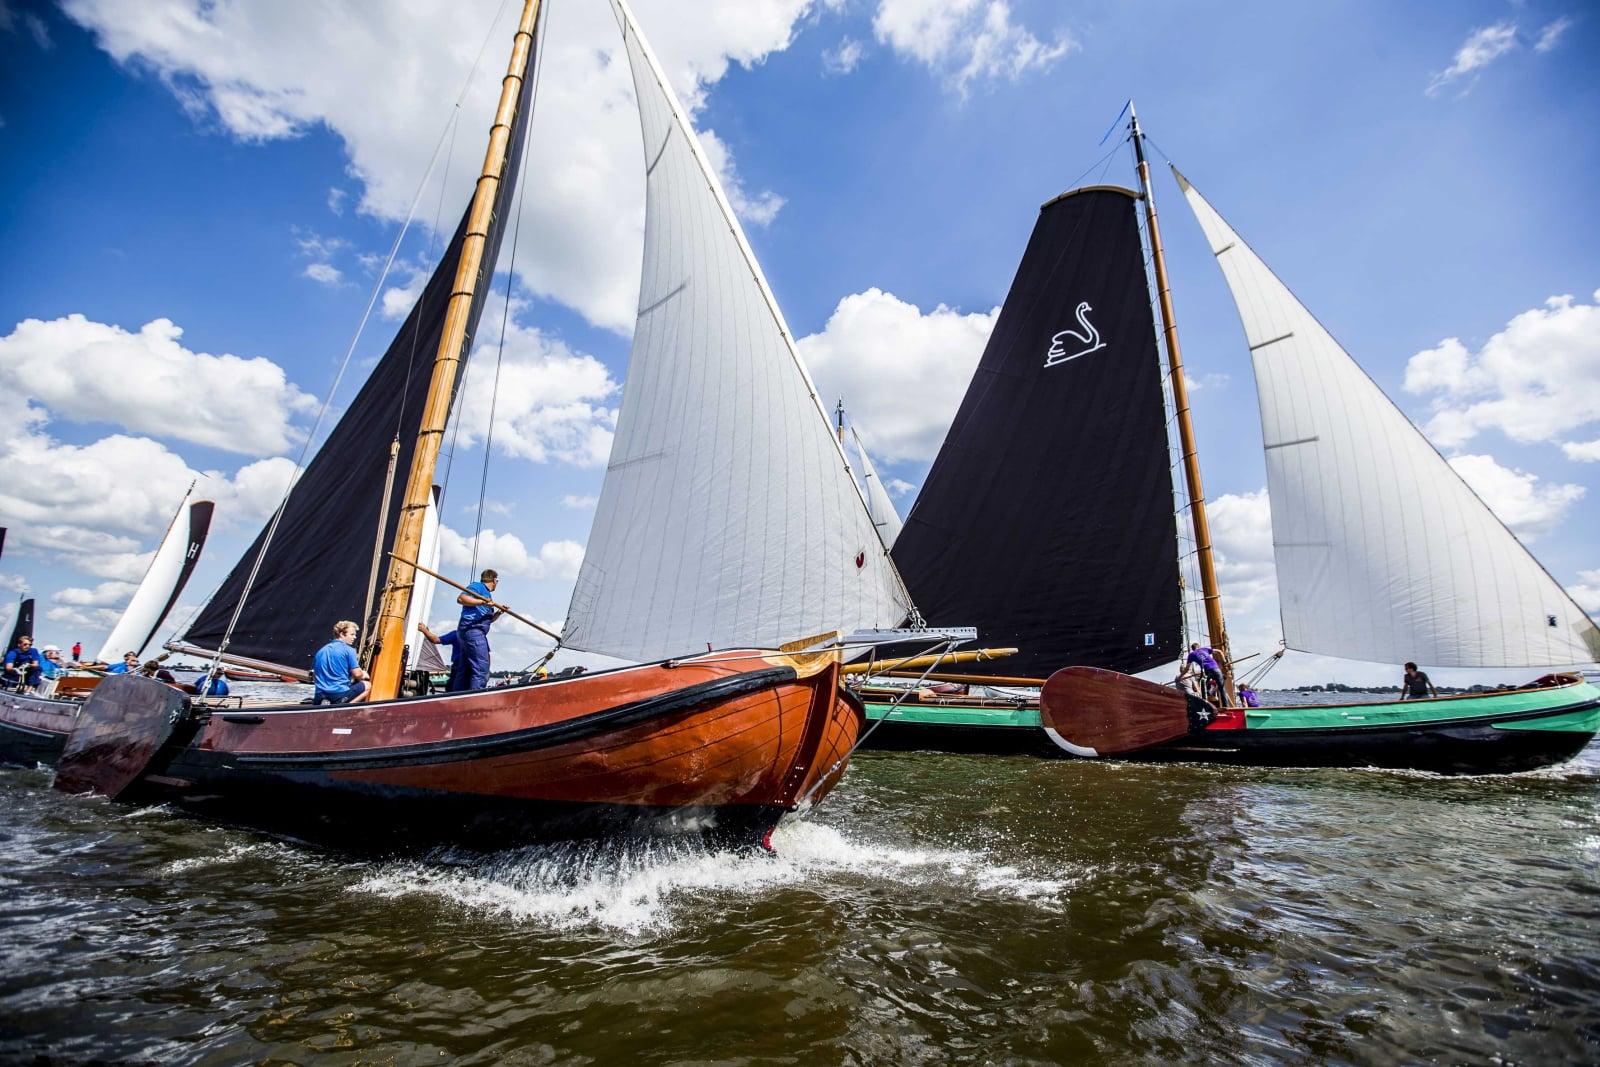 Tradycyjne żeglarstwo w Holandii fot. EPA/SIESE VEENSTRA